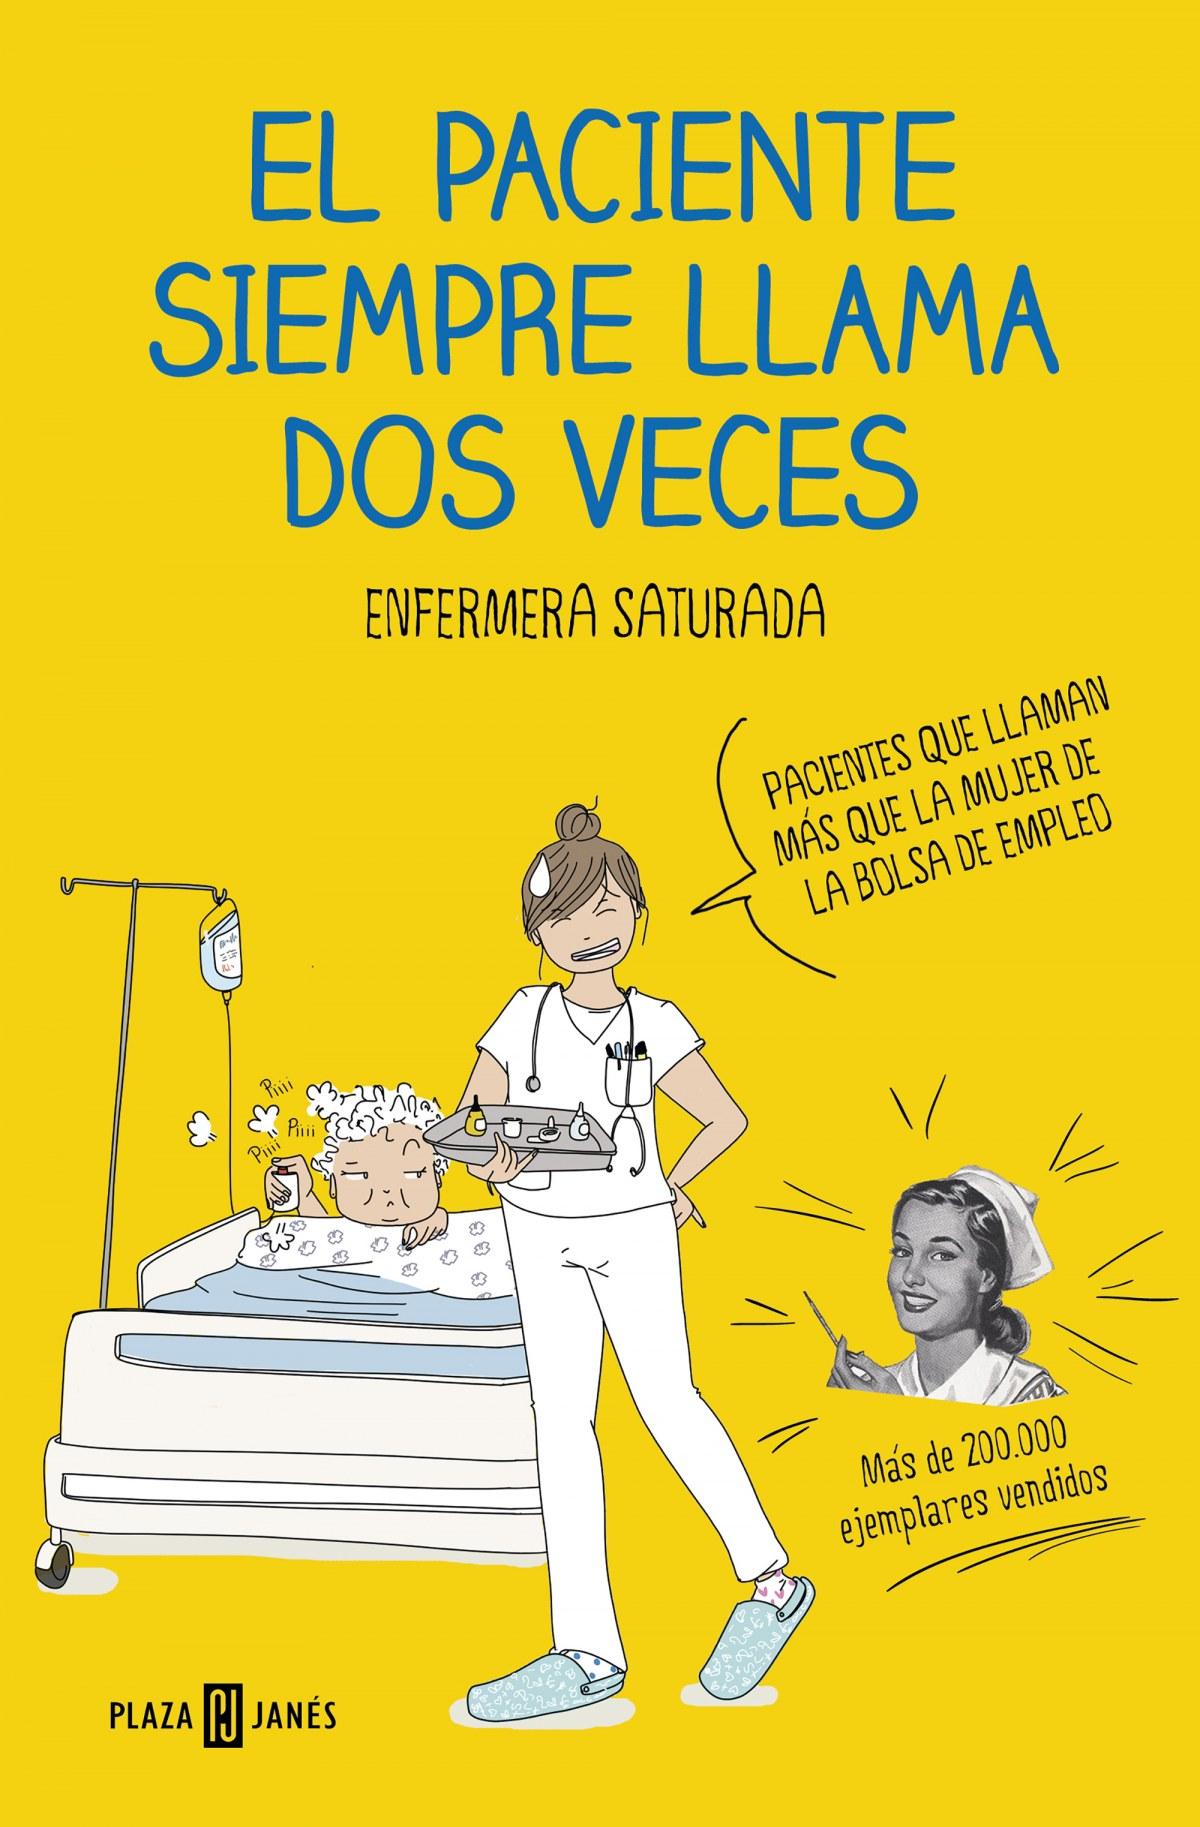 EL PACIENTE SIEMPRE LLAMA DOS VECES 9788401021305